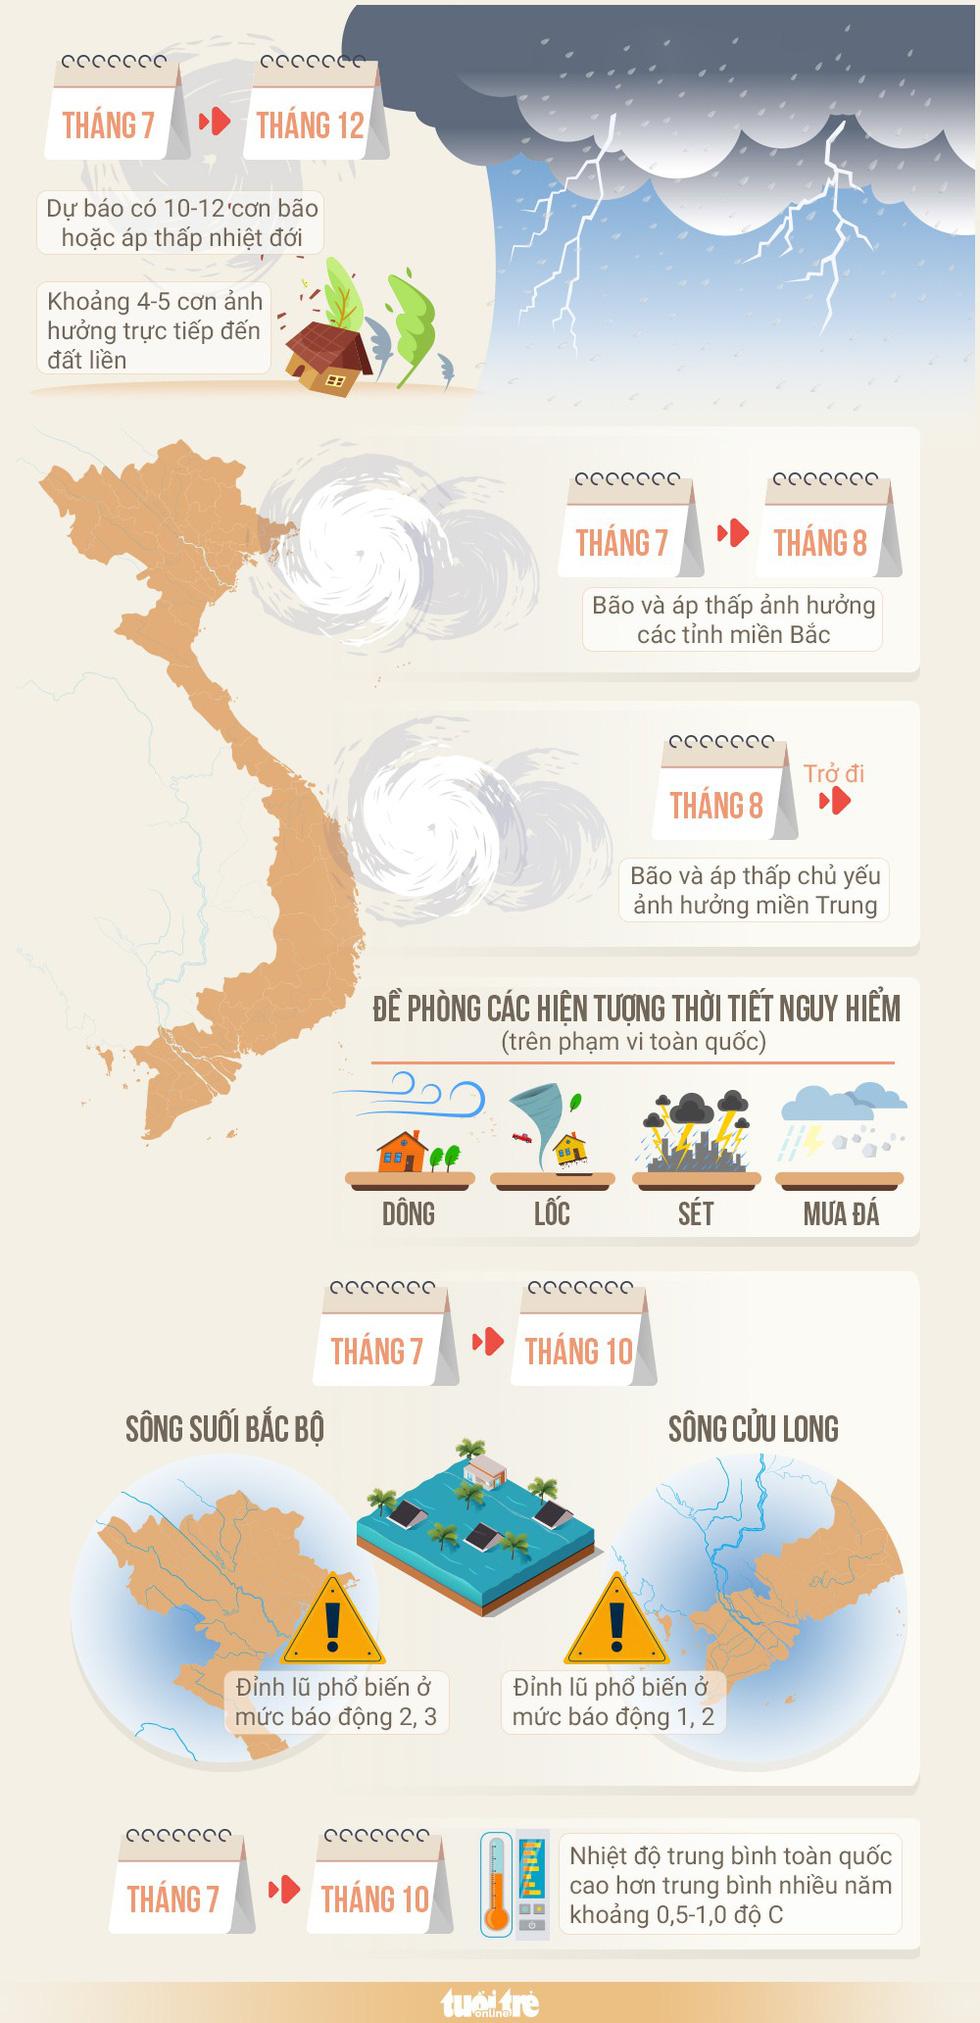 Năm nay, khoảng 4-5 cơn bão ảnh hưởng đến đất liền Việt Nam - Ảnh 1.